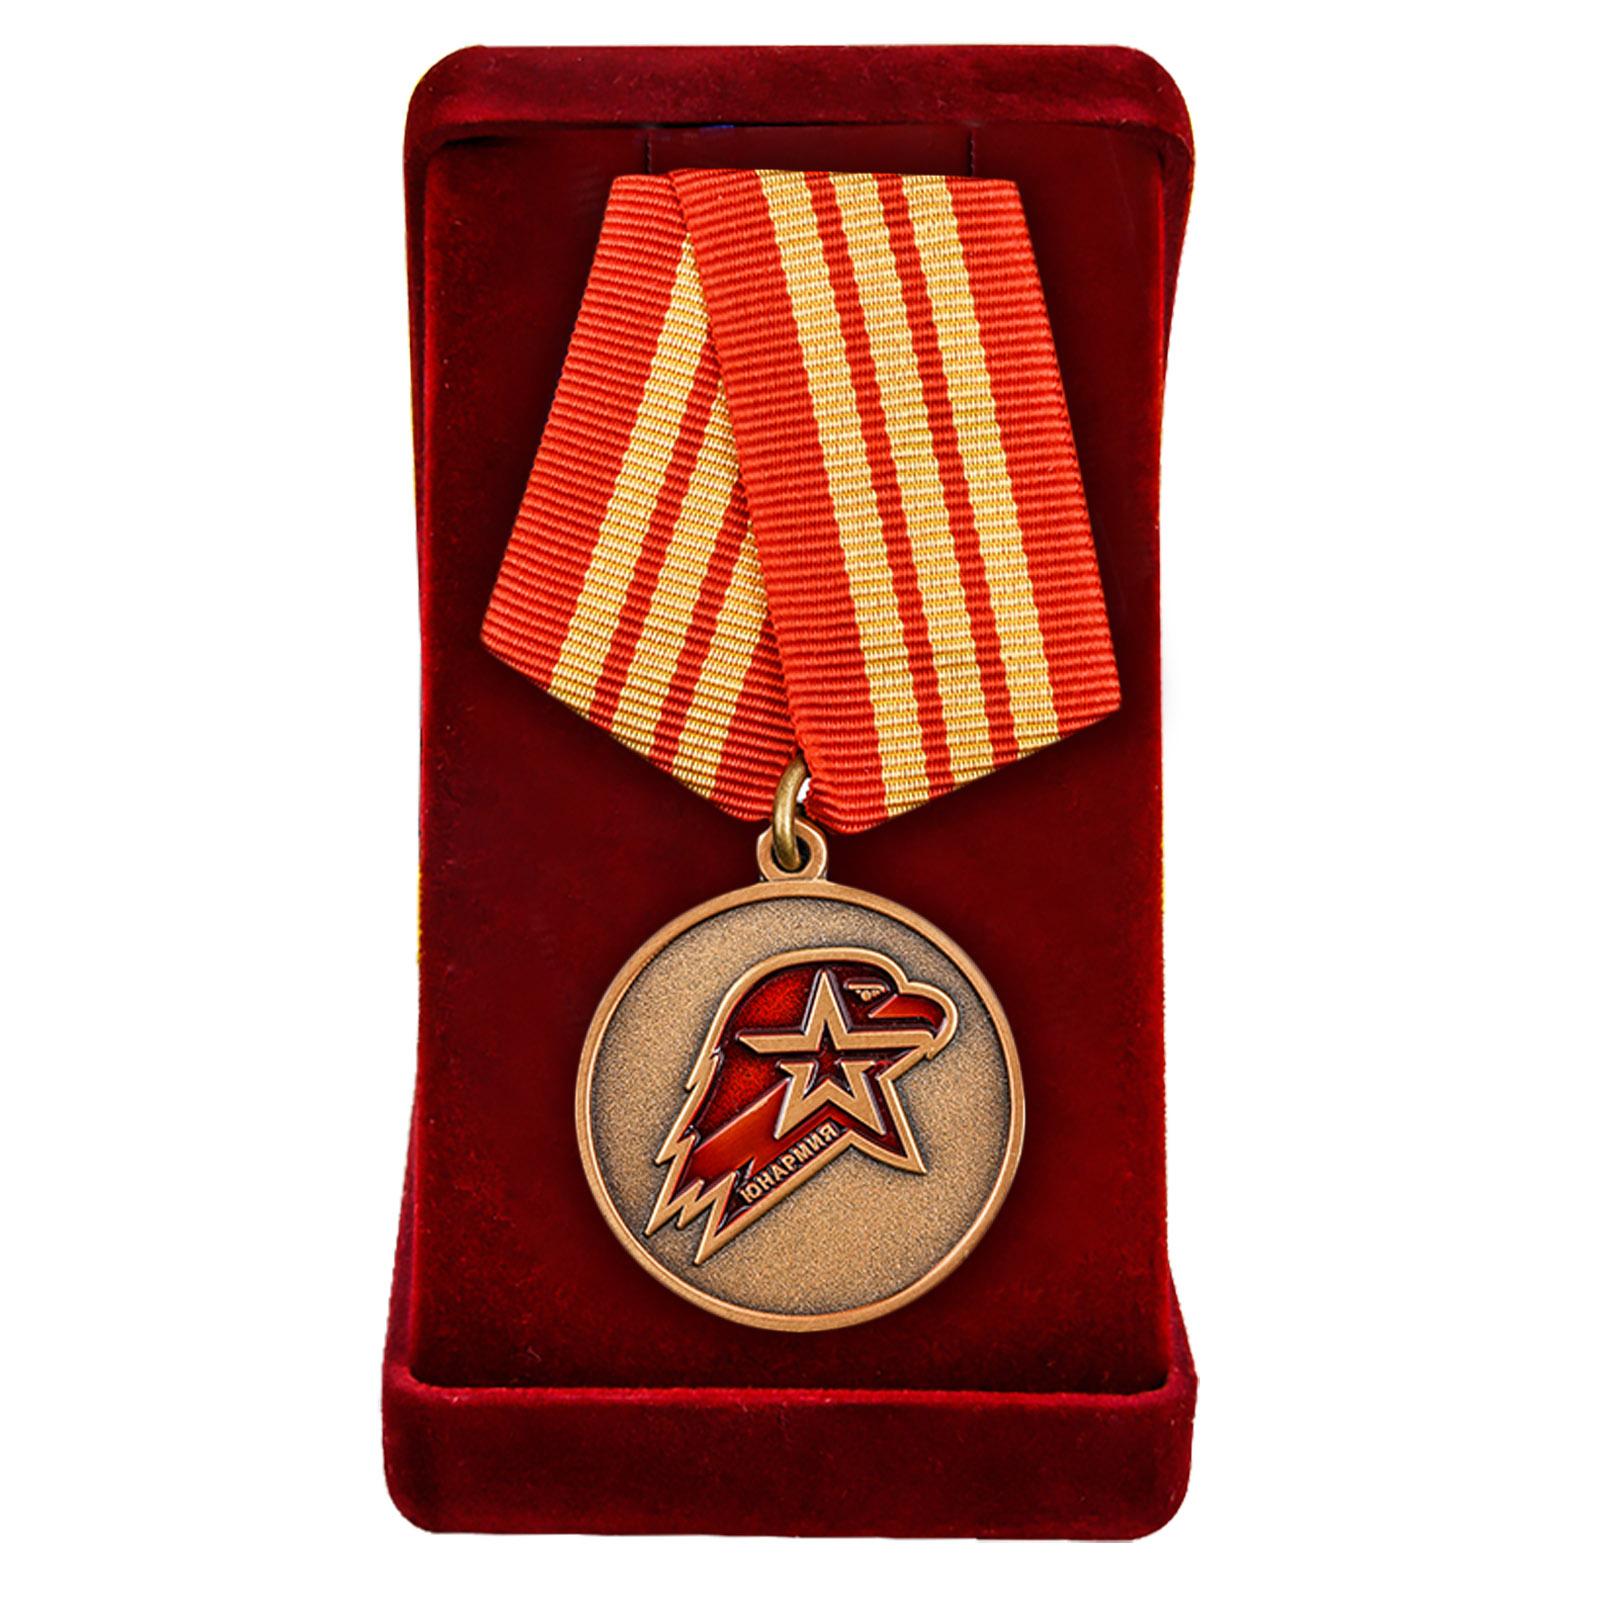 Купить памятную медаль Юнармии 3 степени по выгодной цене